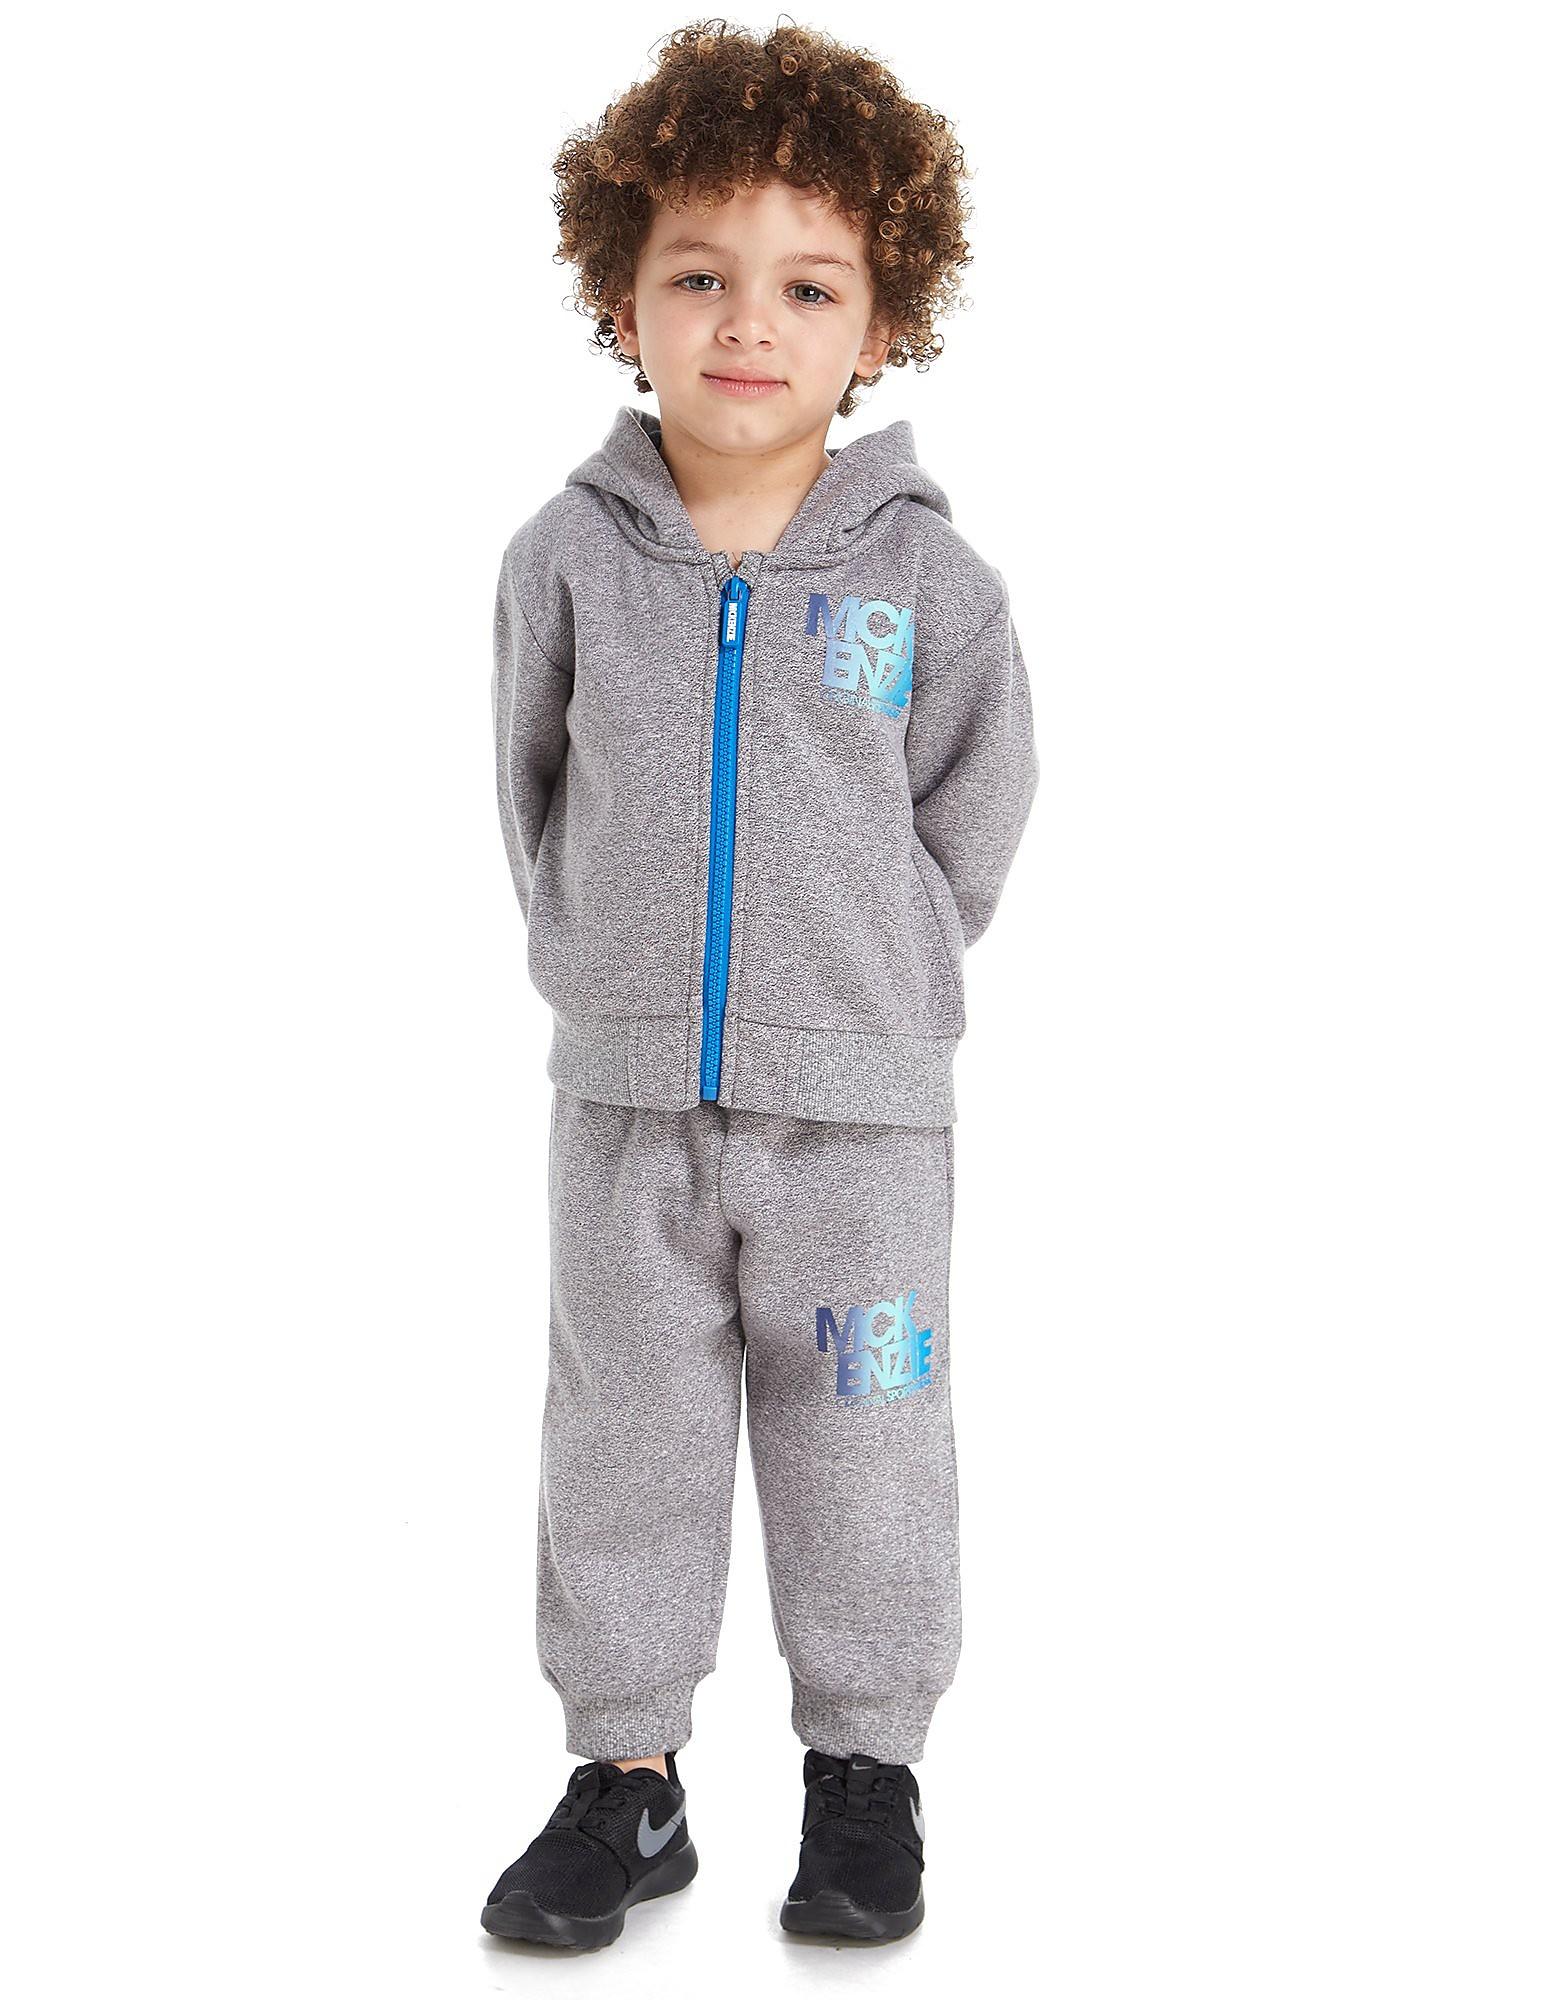 McKenzie Waldo Fleece Suit Infant